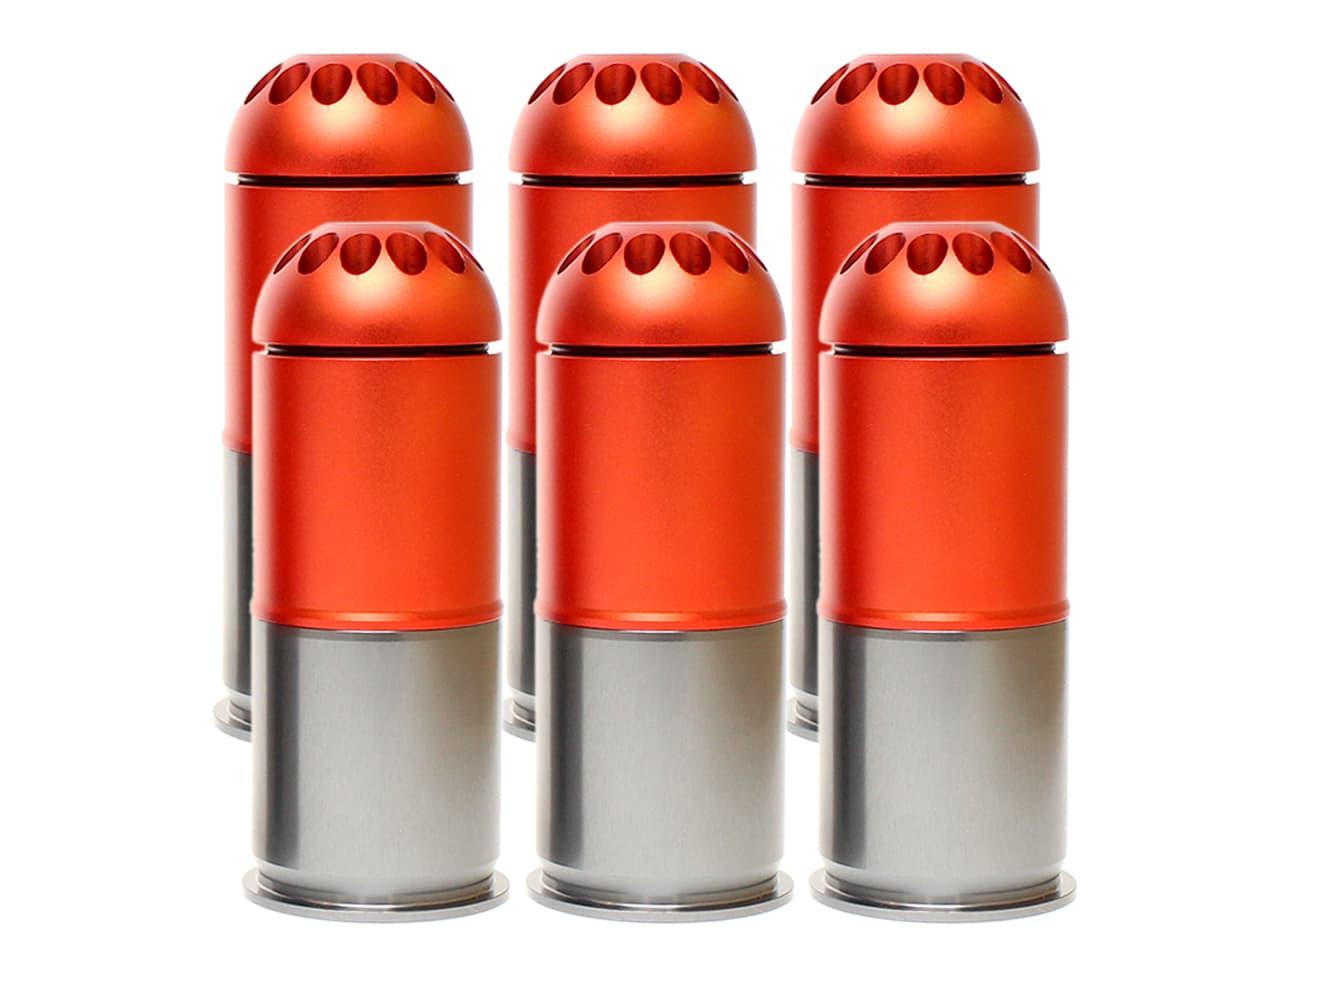 MILITARY-BASE(ミリタリーベース)フルメタル 40mmモスカート 120Rds 6個セット◆各社グレネードに対応 G&P/CAWなど 120発装弾 M203等に